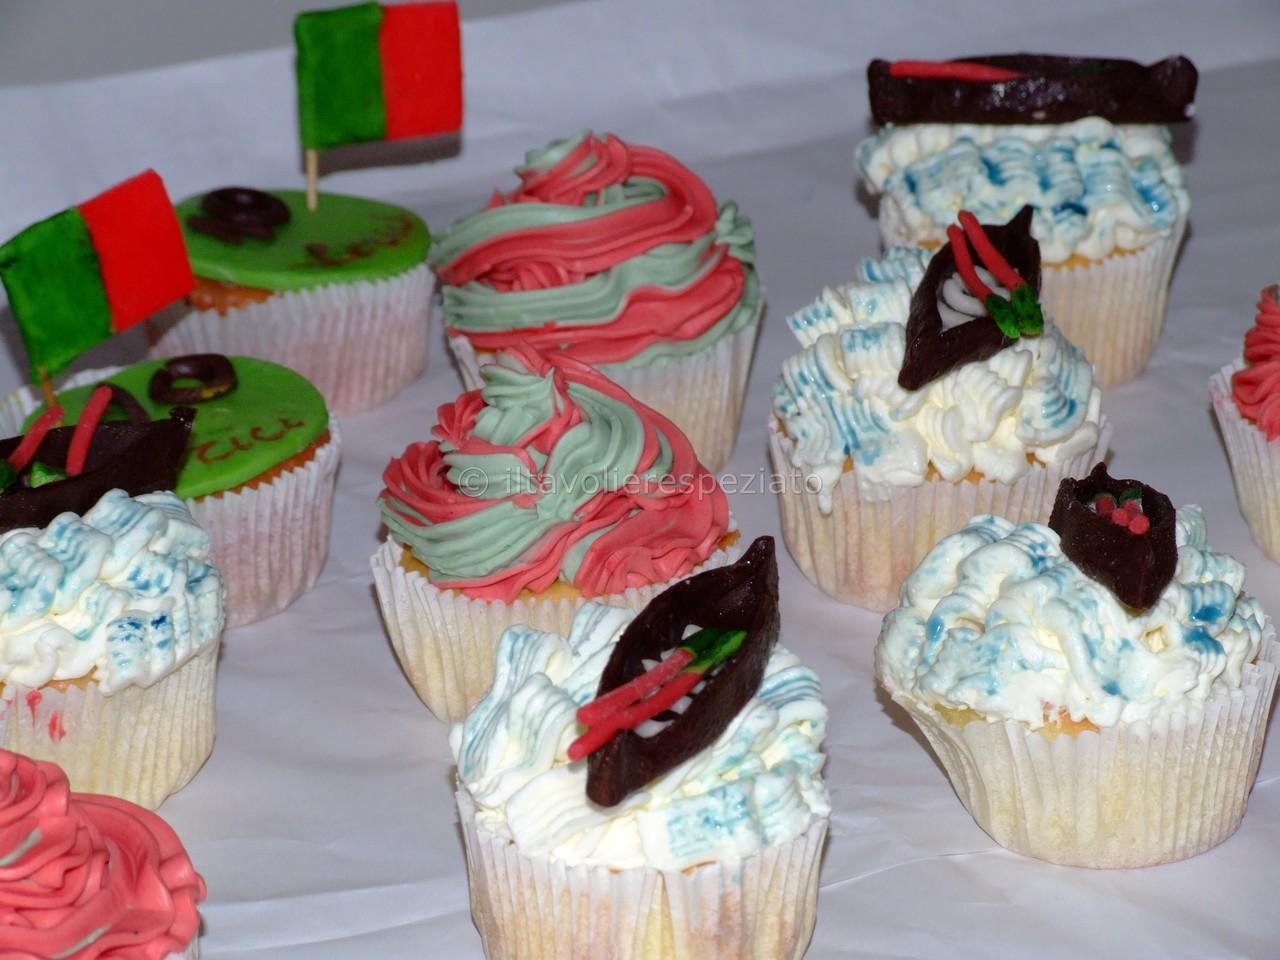 Queste cupcakes alla vaniglia, sono state realizzate per festeggiare gli equipaggiamenti della Borgata di Lerici per il Palio del Golfo di La Spezia. Su alcune sono state riprodotte con cioccolato plastico, le barche con remi, adagiate su un mare azzurrin